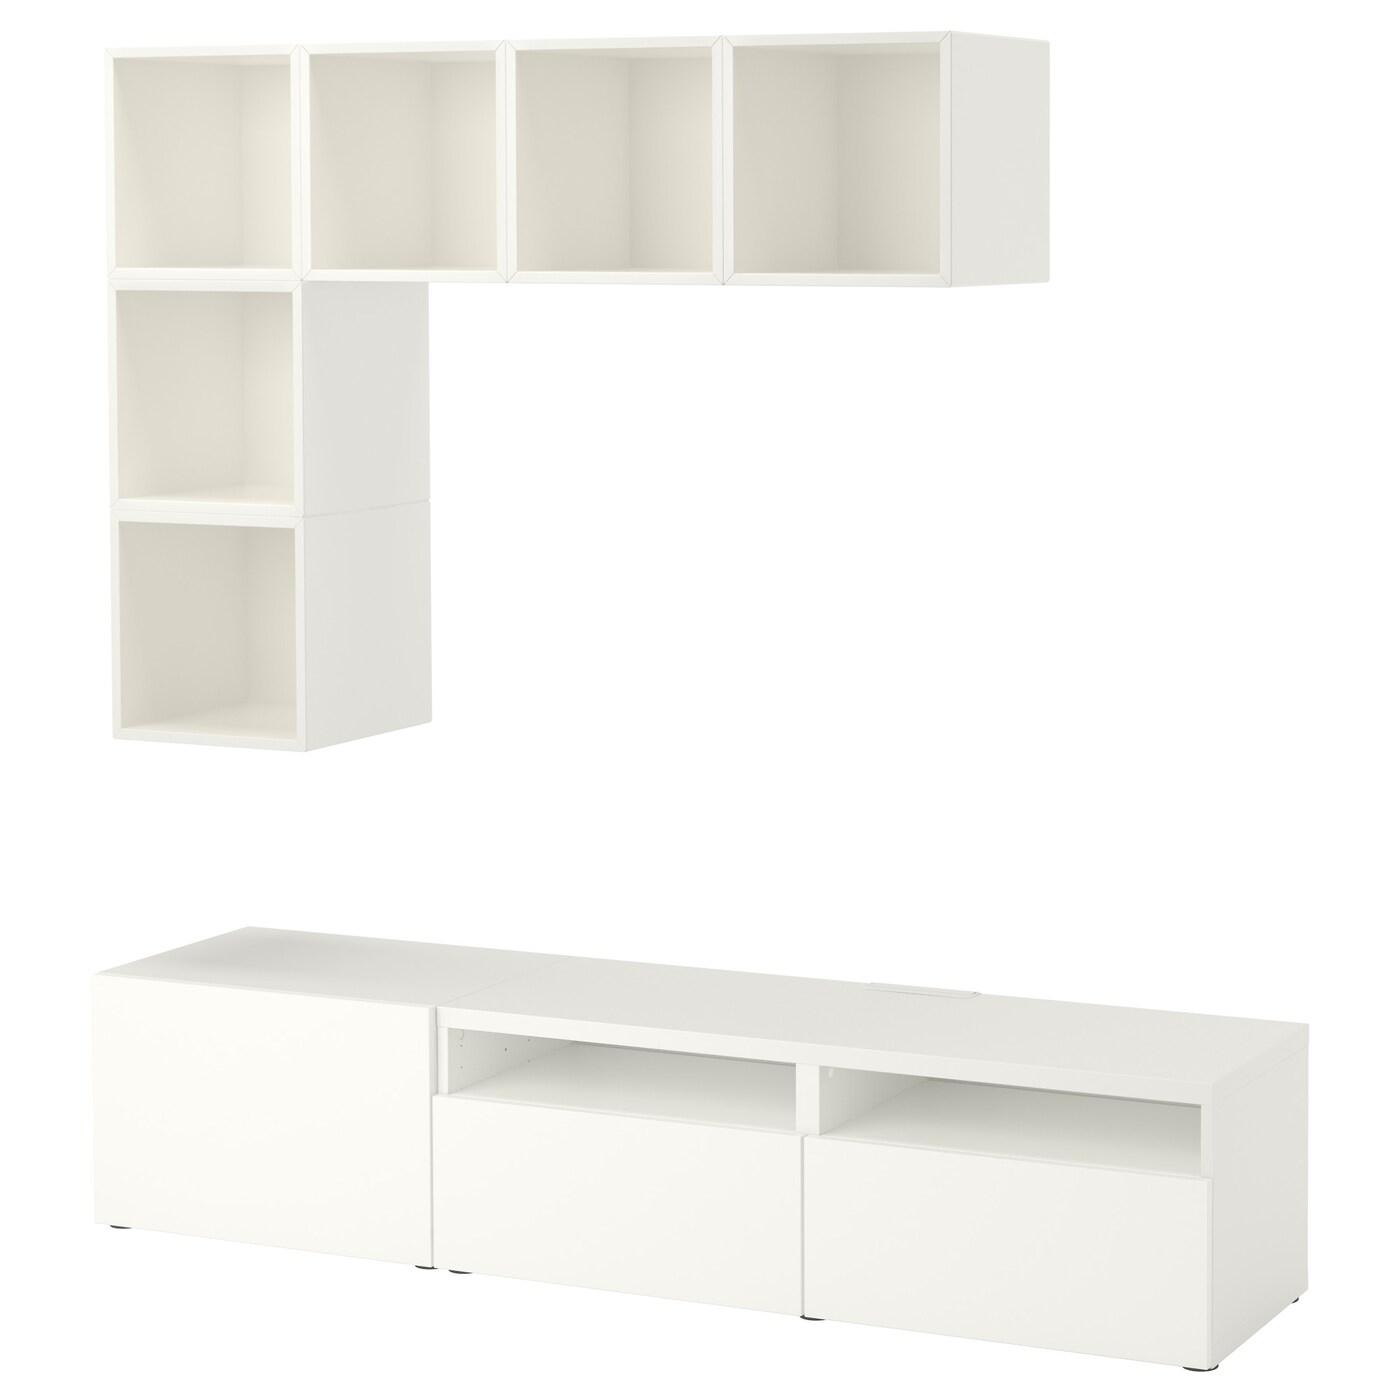 eket best combinaison rangement tv blanc 180 x 40 x 170 cm ikea. Black Bedroom Furniture Sets. Home Design Ideas